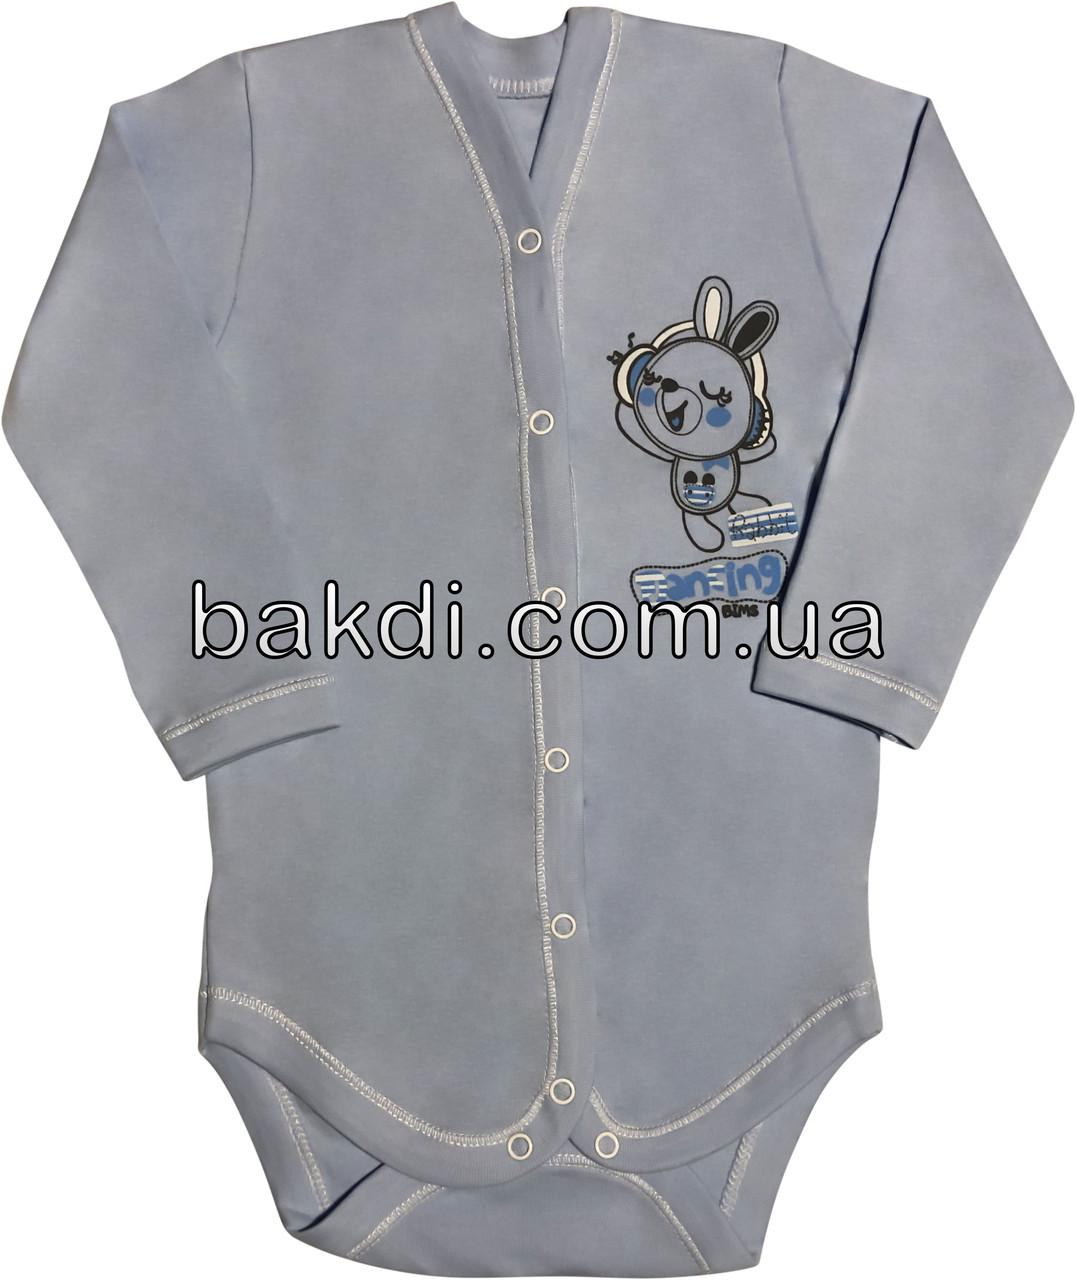 Детское боди на мальчика рост 86 1-1,5 года для малышей трикотажное с длинным рукавом интерлок голубое